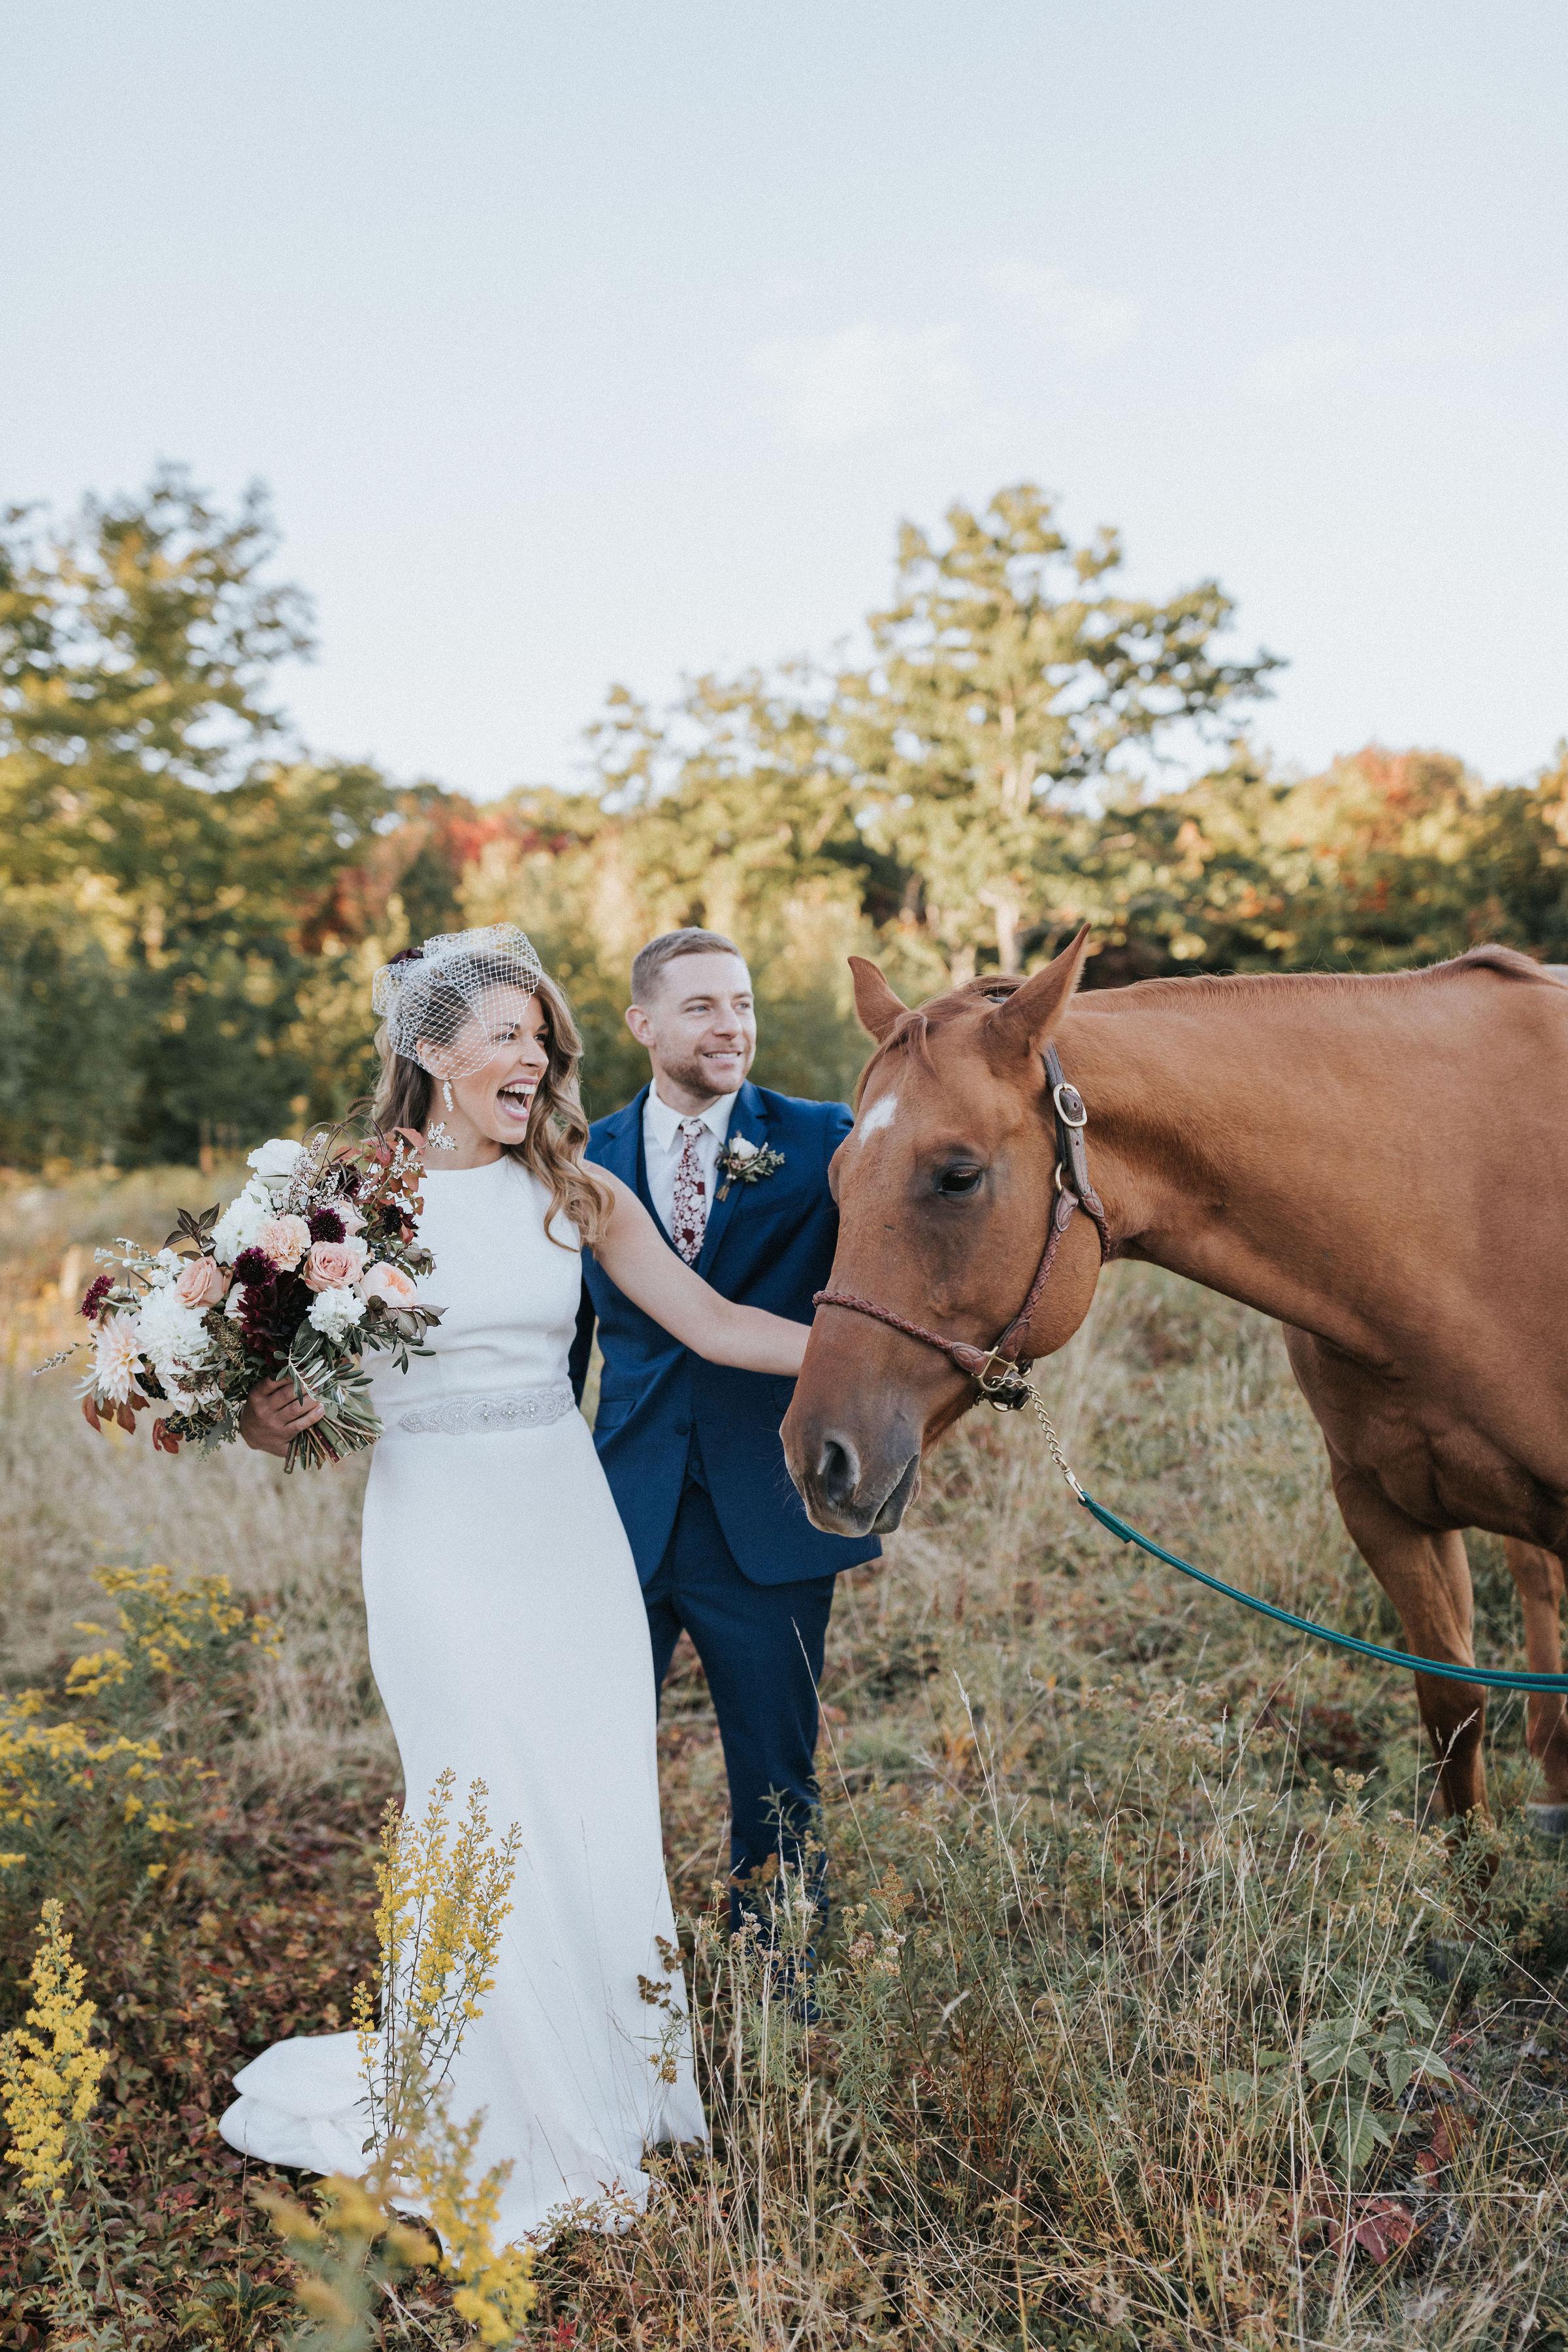 Allie_Greg_Beech_Hill_Barn_Wedding_Portraits-287.jpg